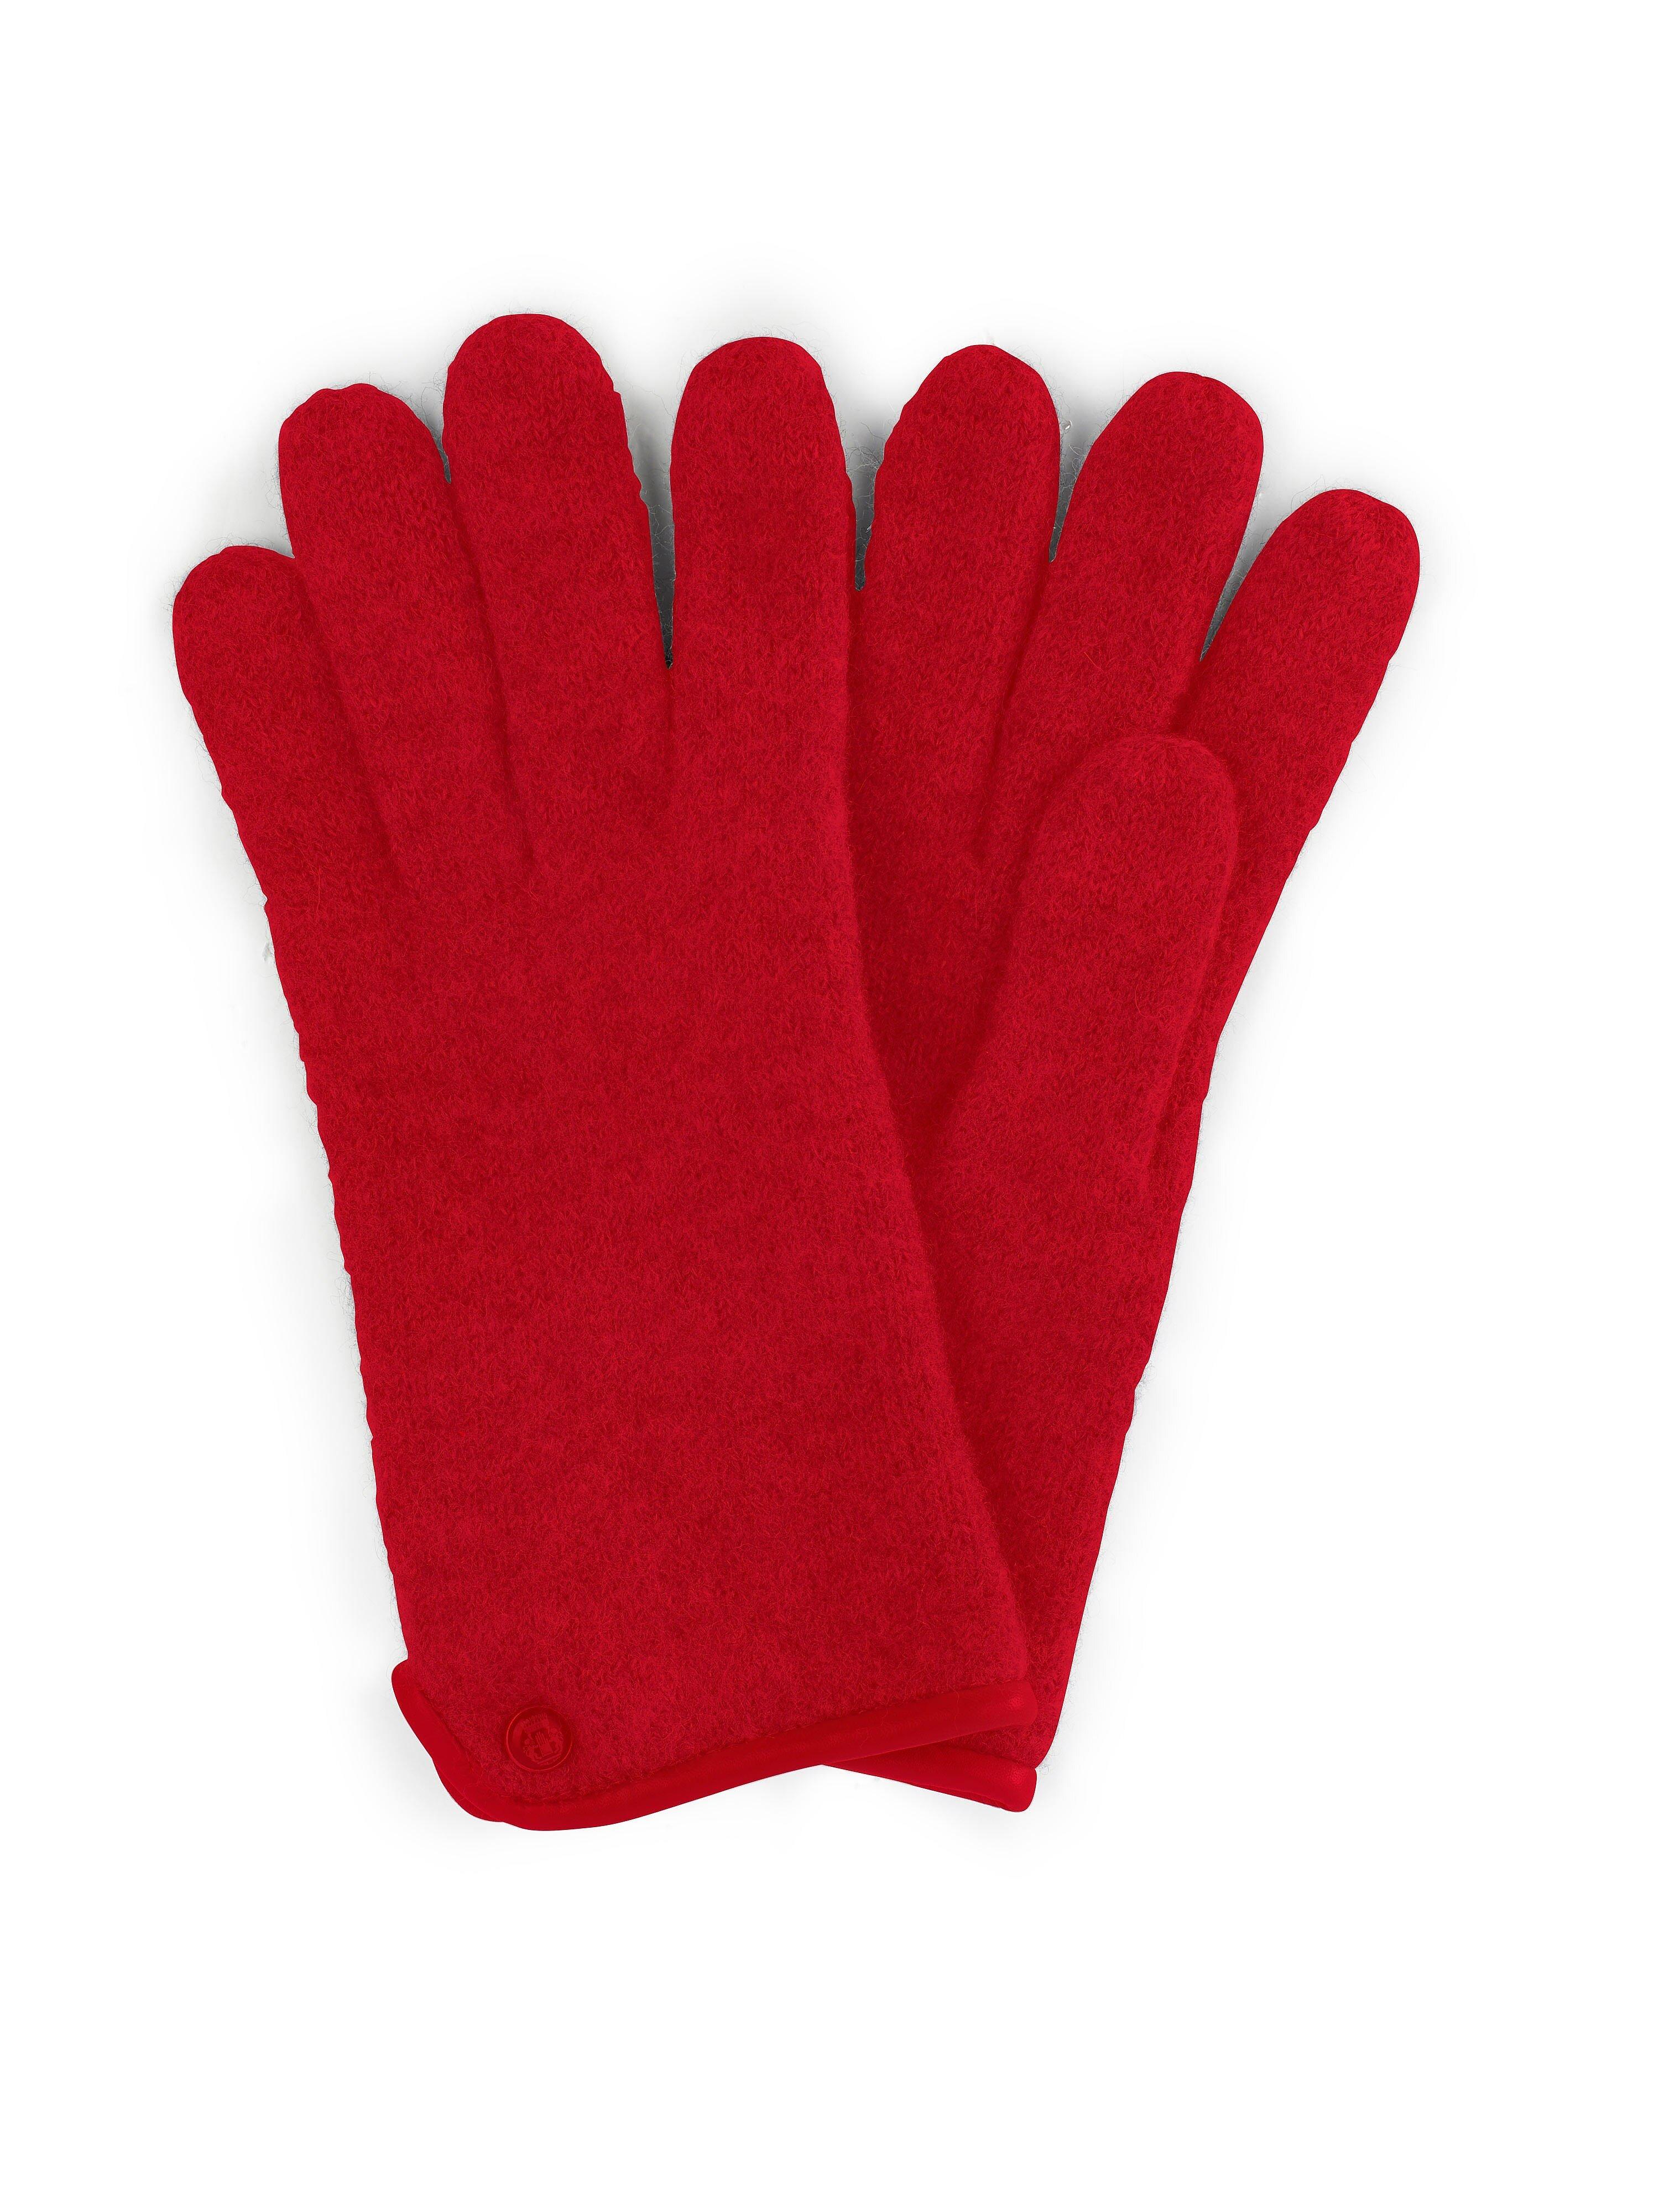 Les gants 100% laine vierge  Roeckl rouge taille 8